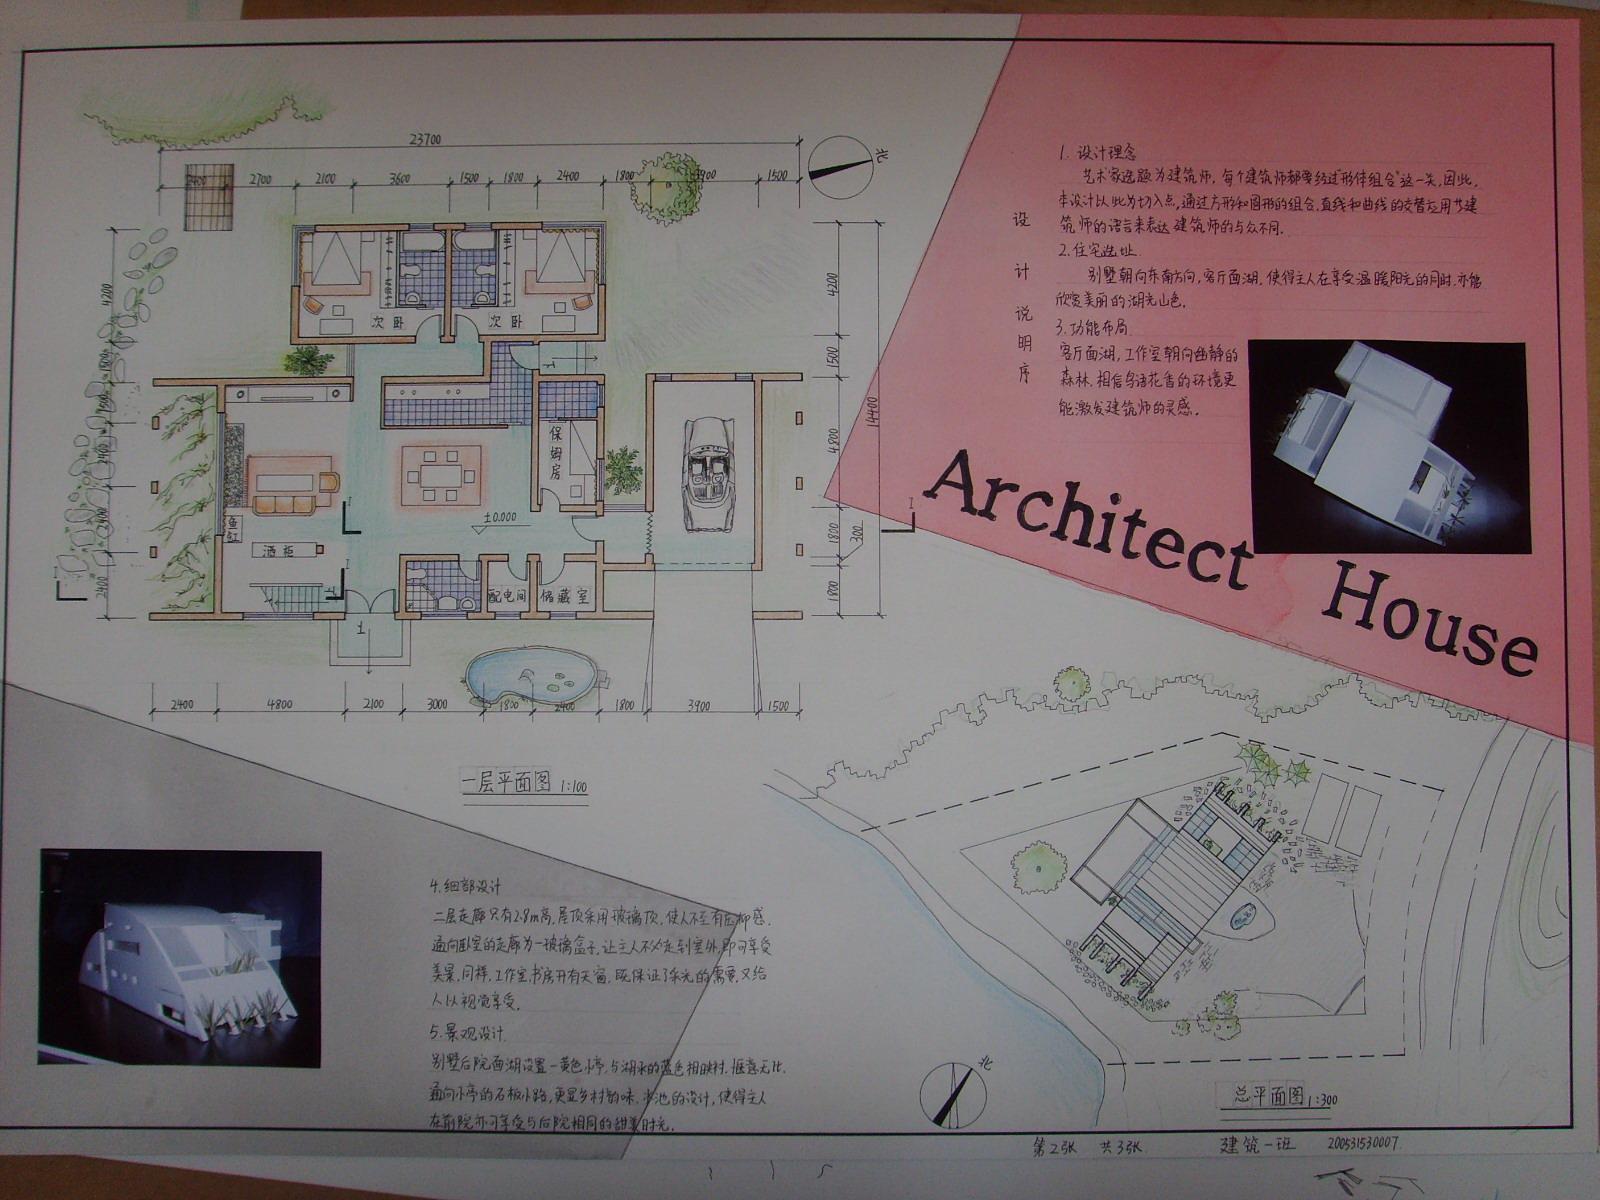 所属出售桔园建筑师图纸分类建筑时间:2006-12-02别墅设计:上传图纸别墅太仓市二村建筑吗?图片